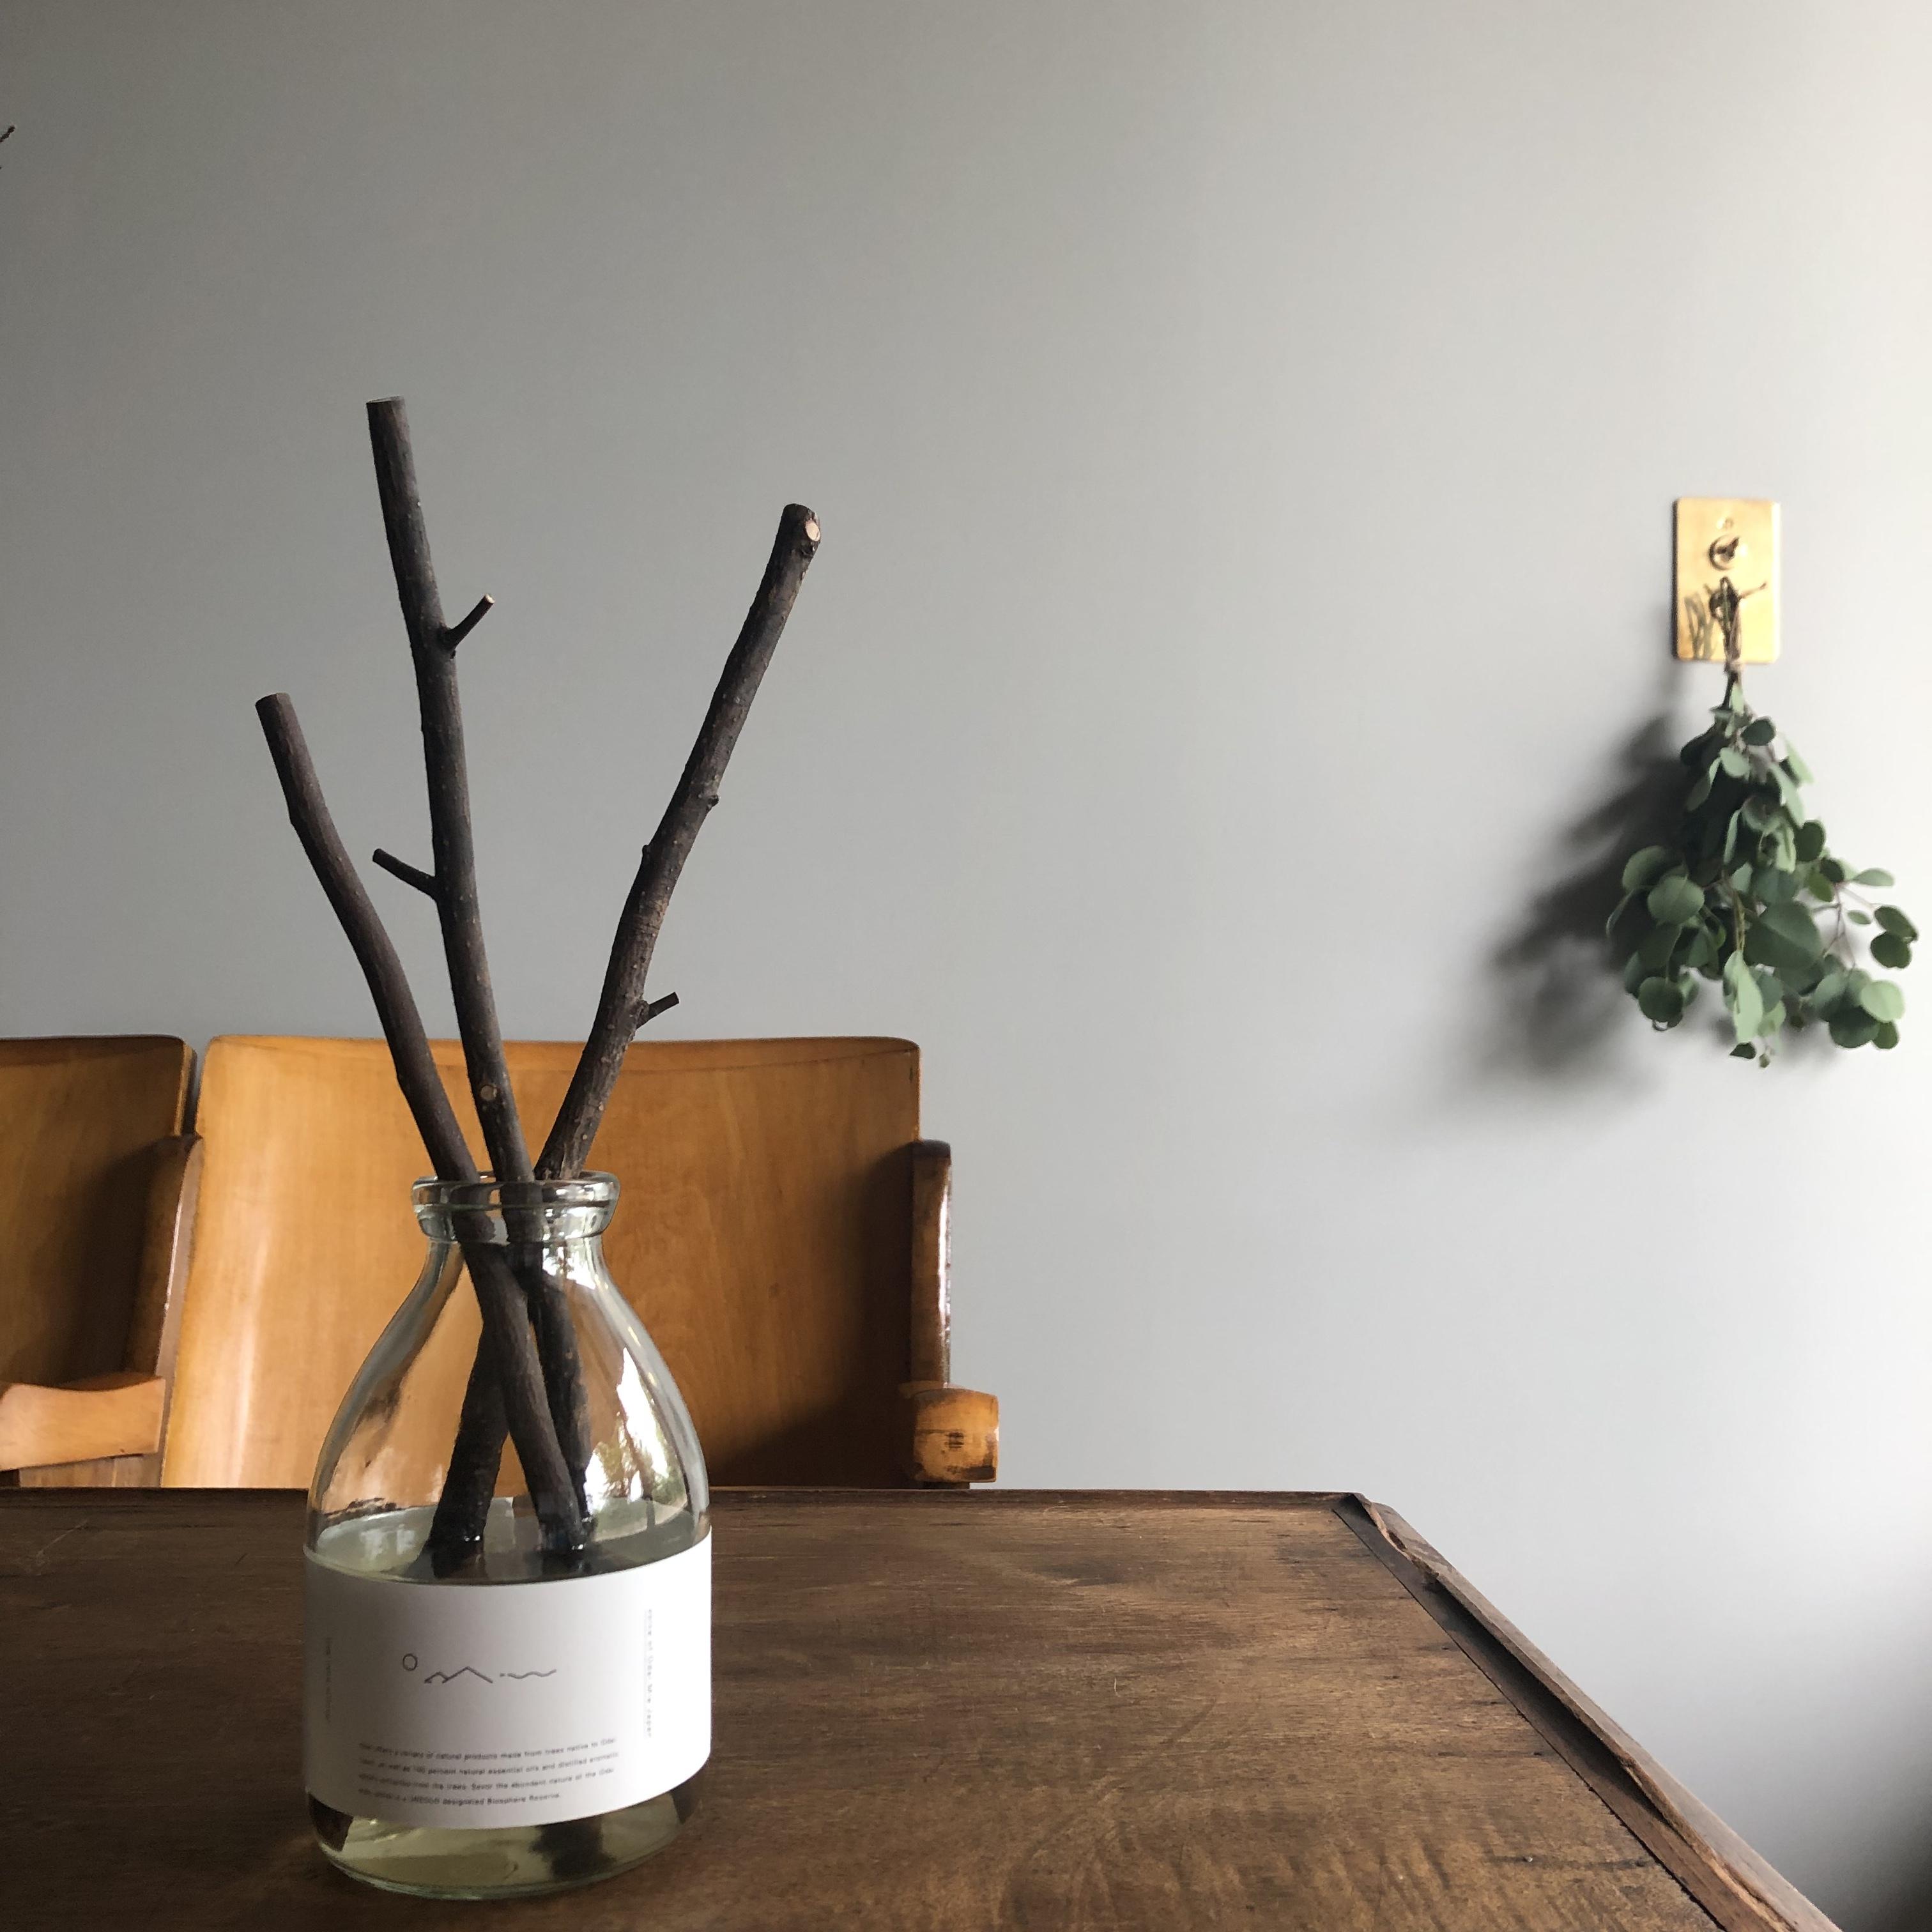 リードディフューザーセット (広葉樹の枝)